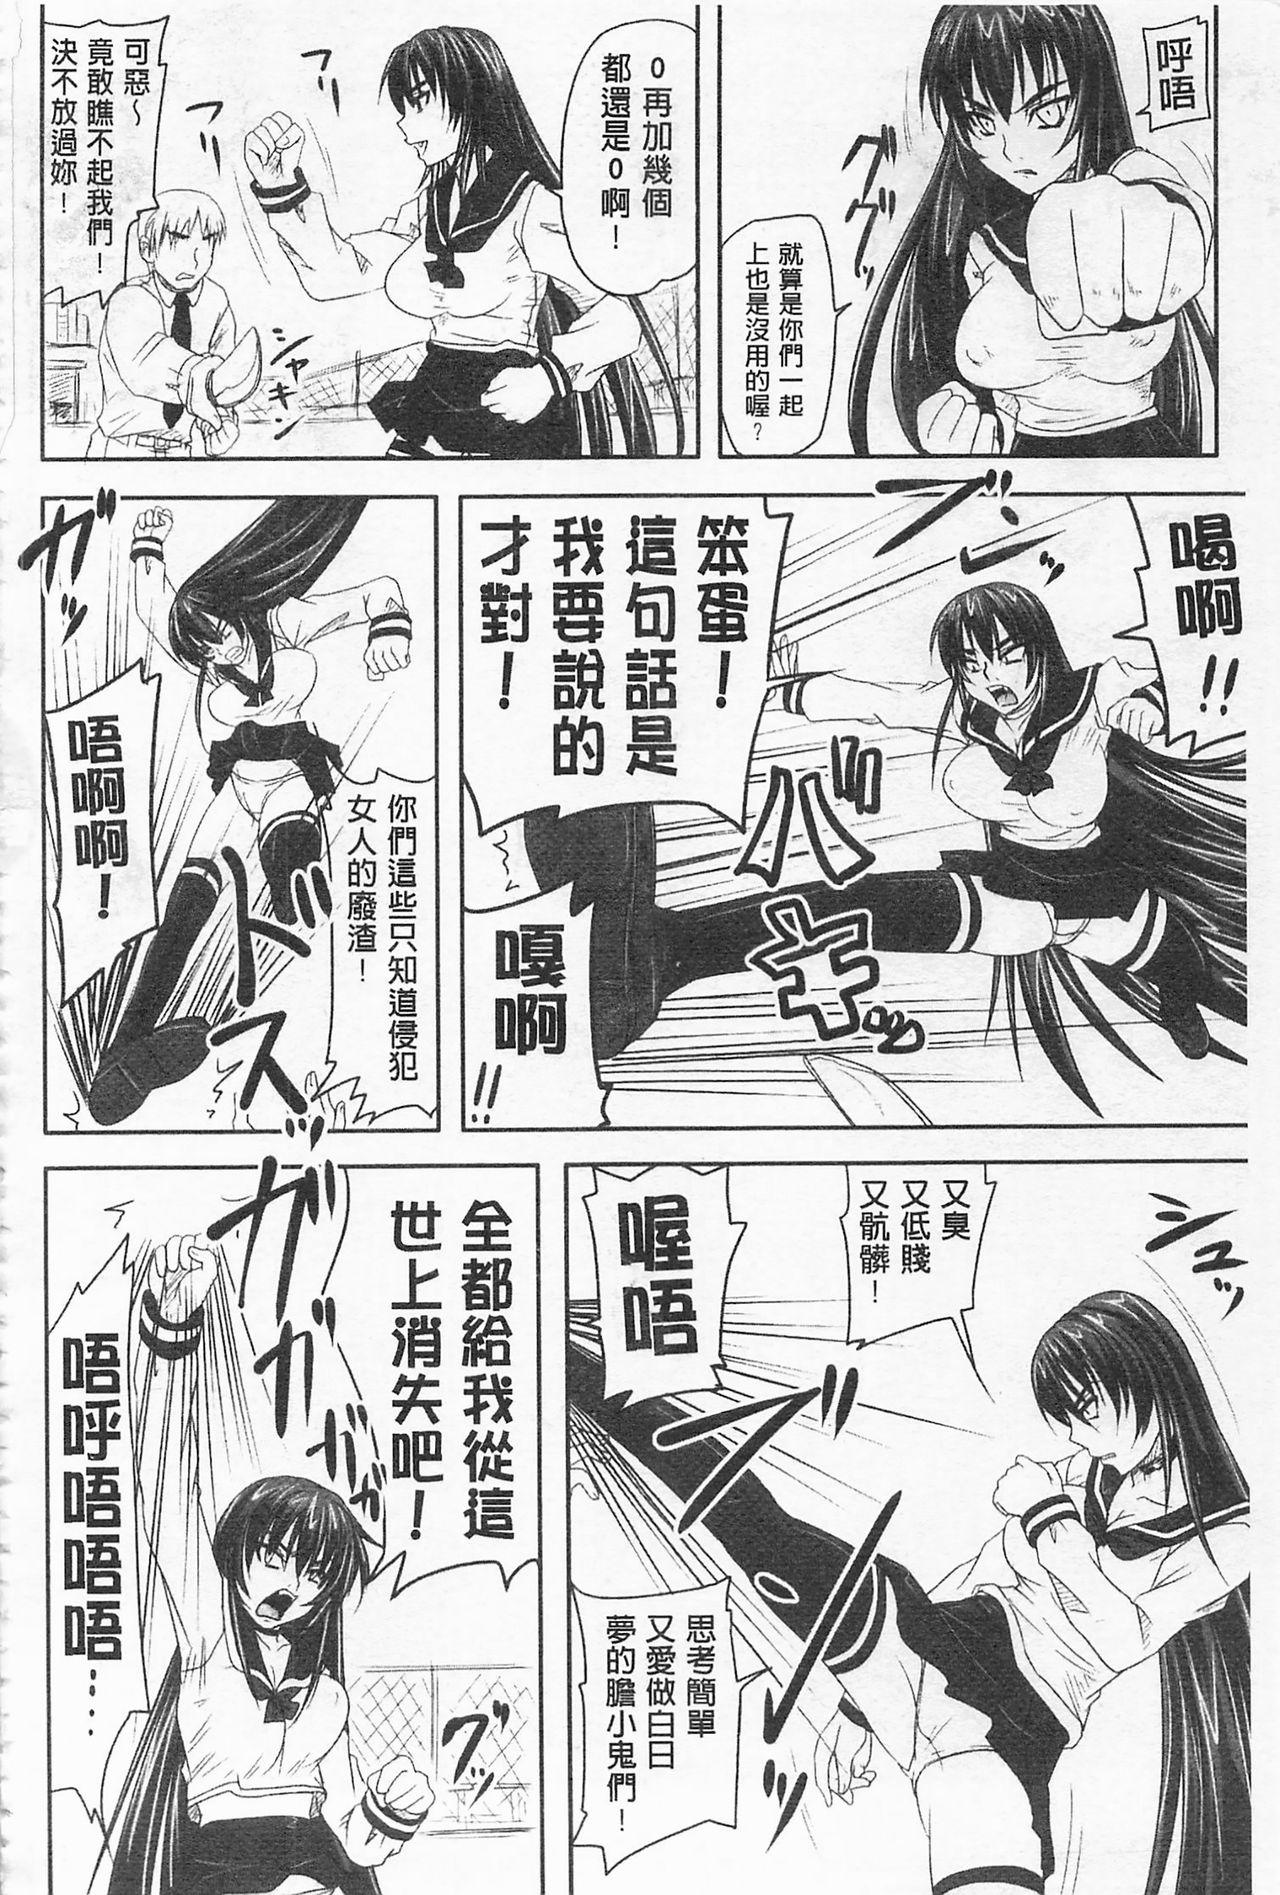 [Nozarashi Satoru] Do S na Hime wa Kegasareru -Inga no Shou- | 超S的公主被玷汙了 ~因果之章~ [Chinese] 194